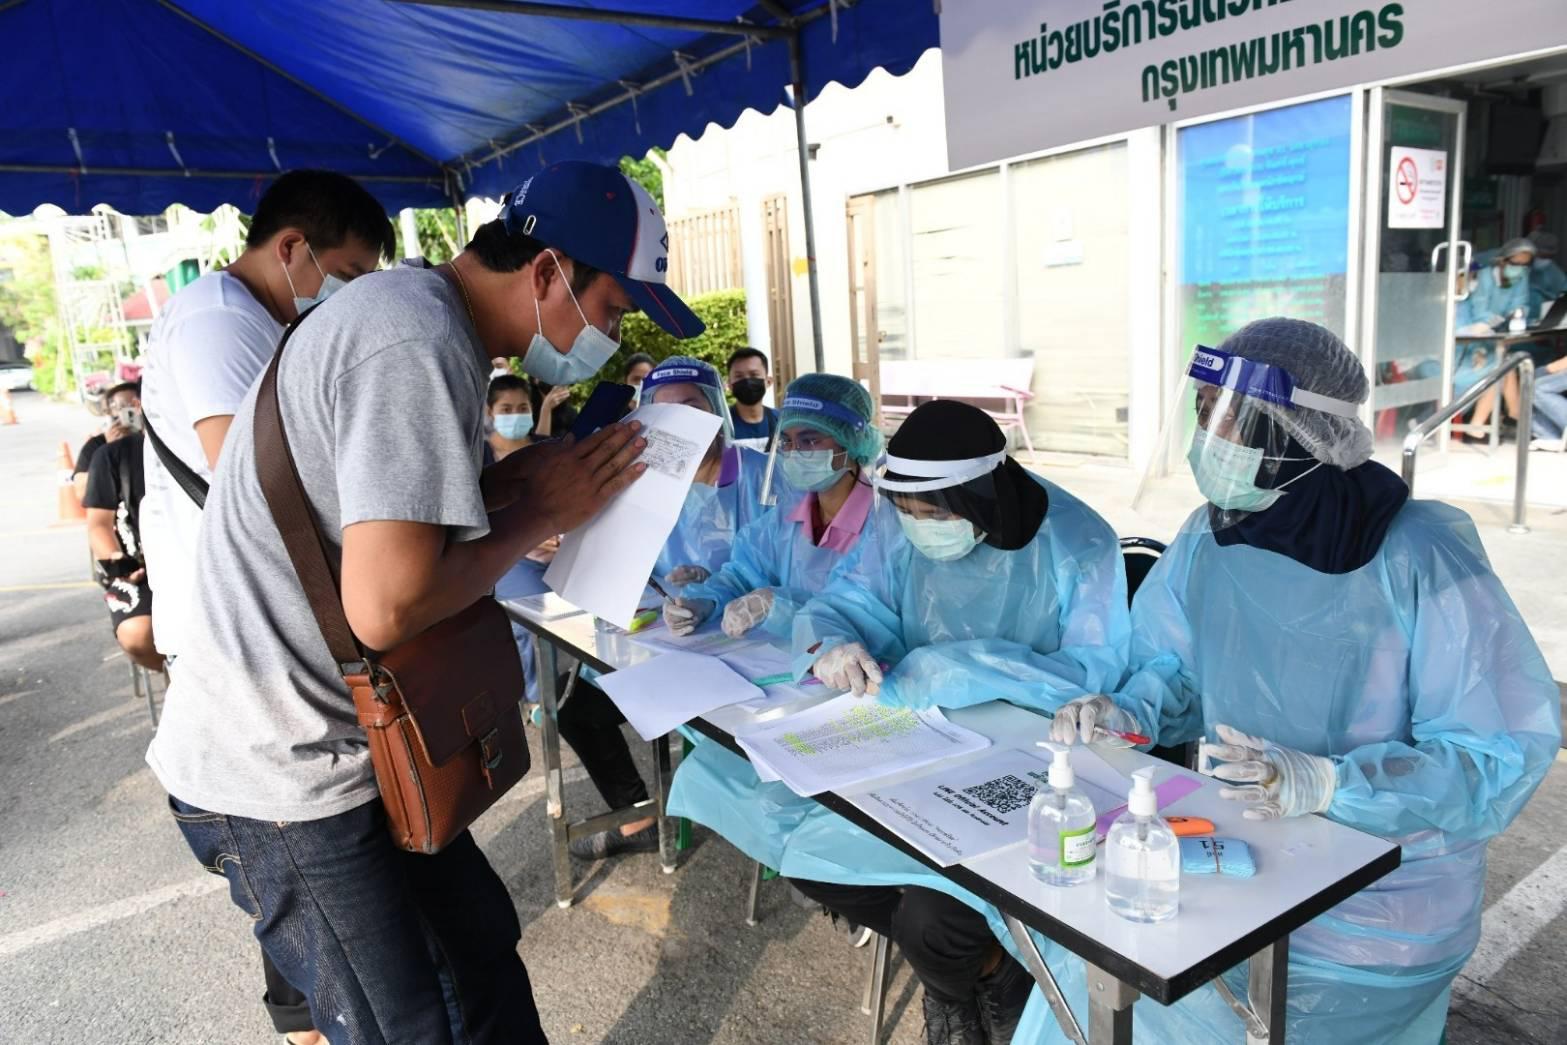 กทม.ลุยฉีดวัคซีนโควิด-19 ตรวจ SWAB กลุ่มเสี่ยงคลัสเตอร์ทองหล่อ